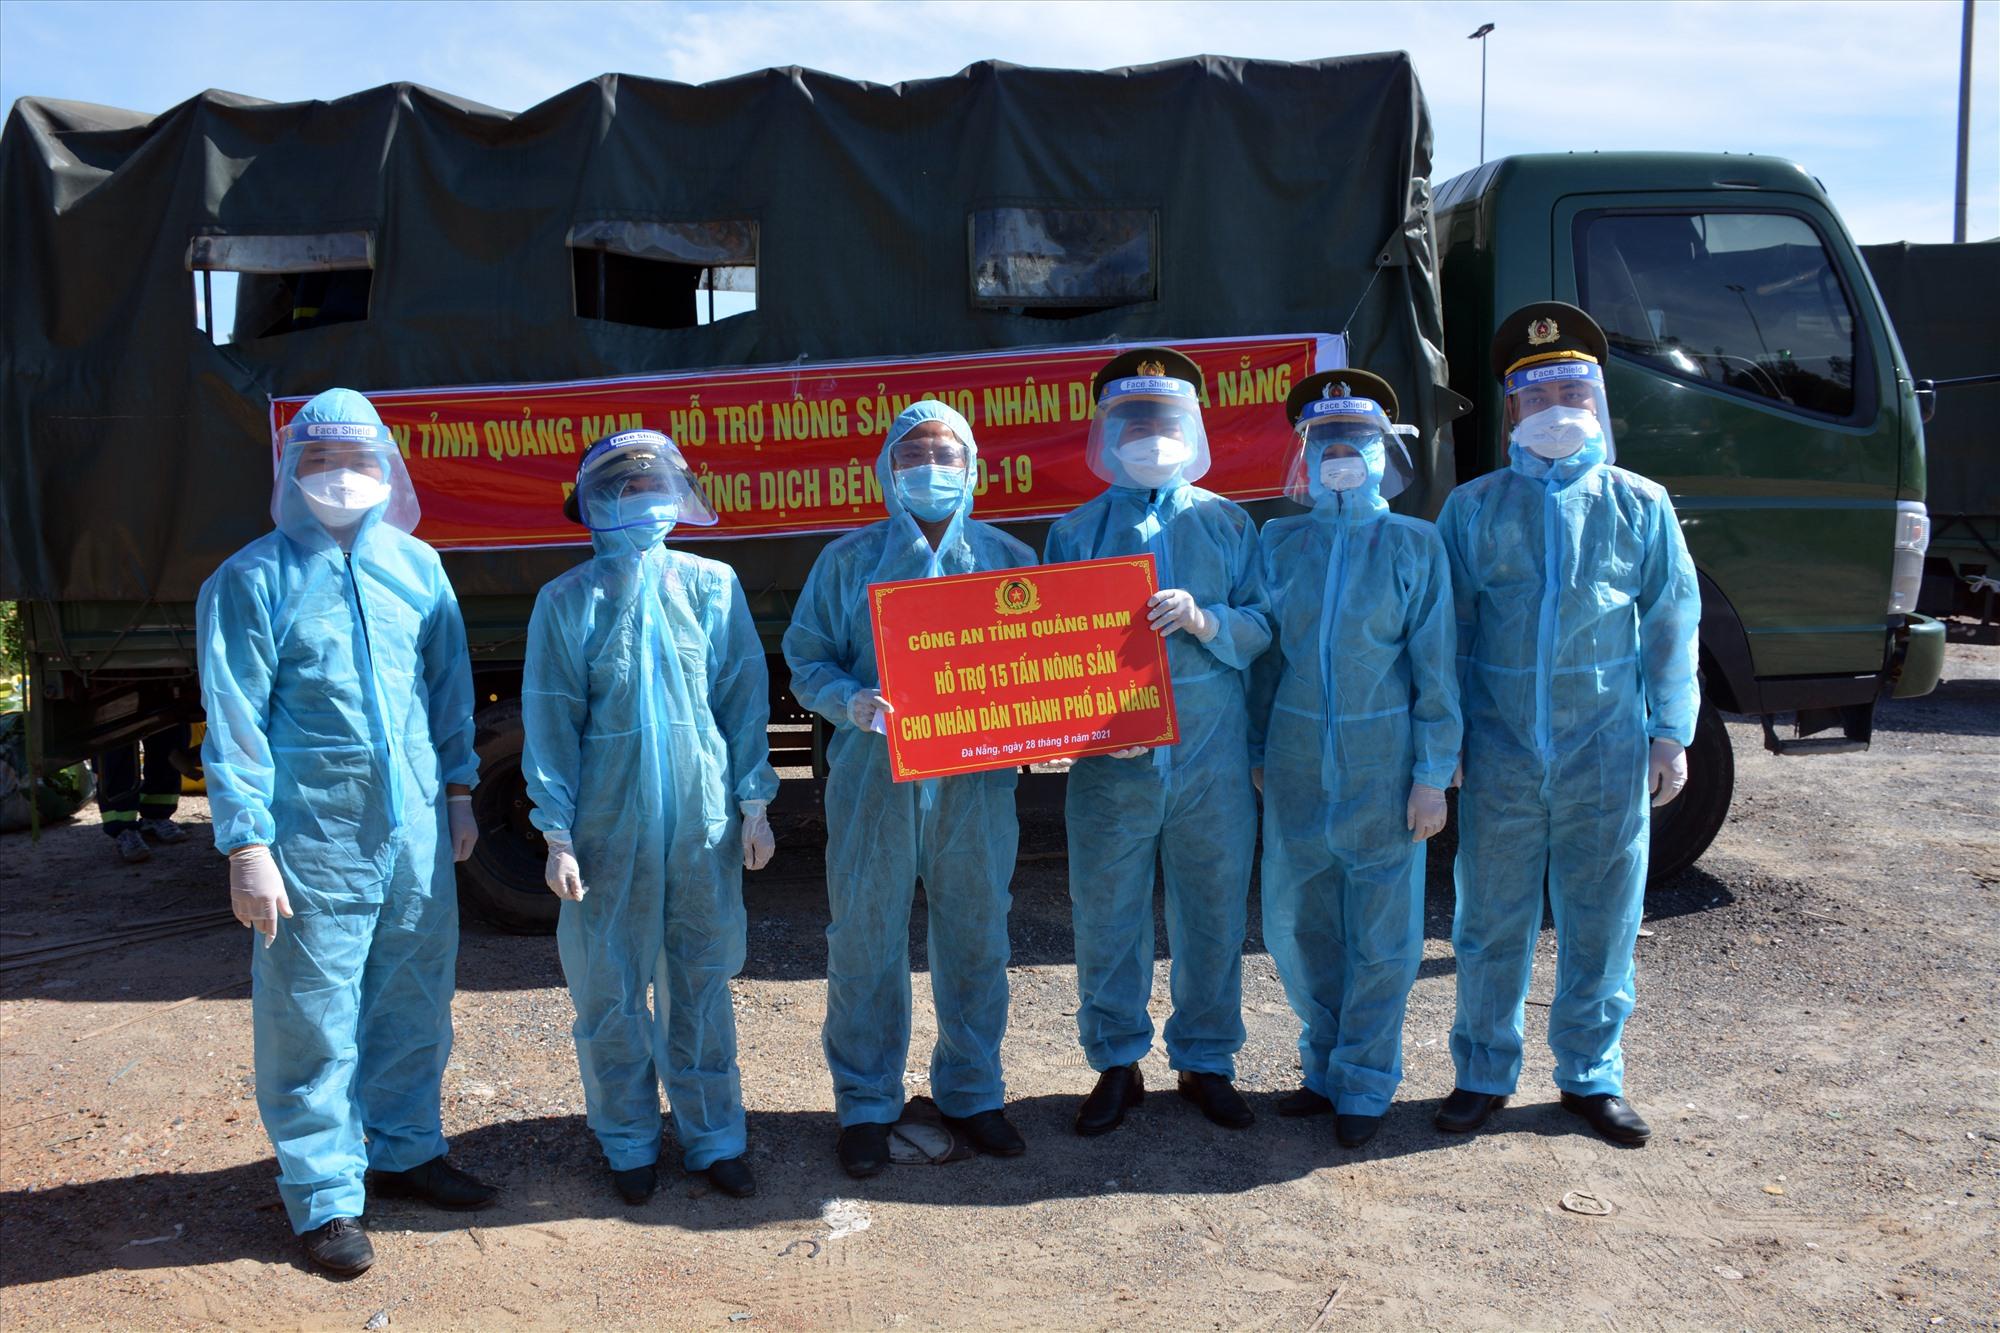 Bàn giao 15 tấn nông sản cho Công an TP.Đà Nẵng để giúp dân vùng phong tỏa.